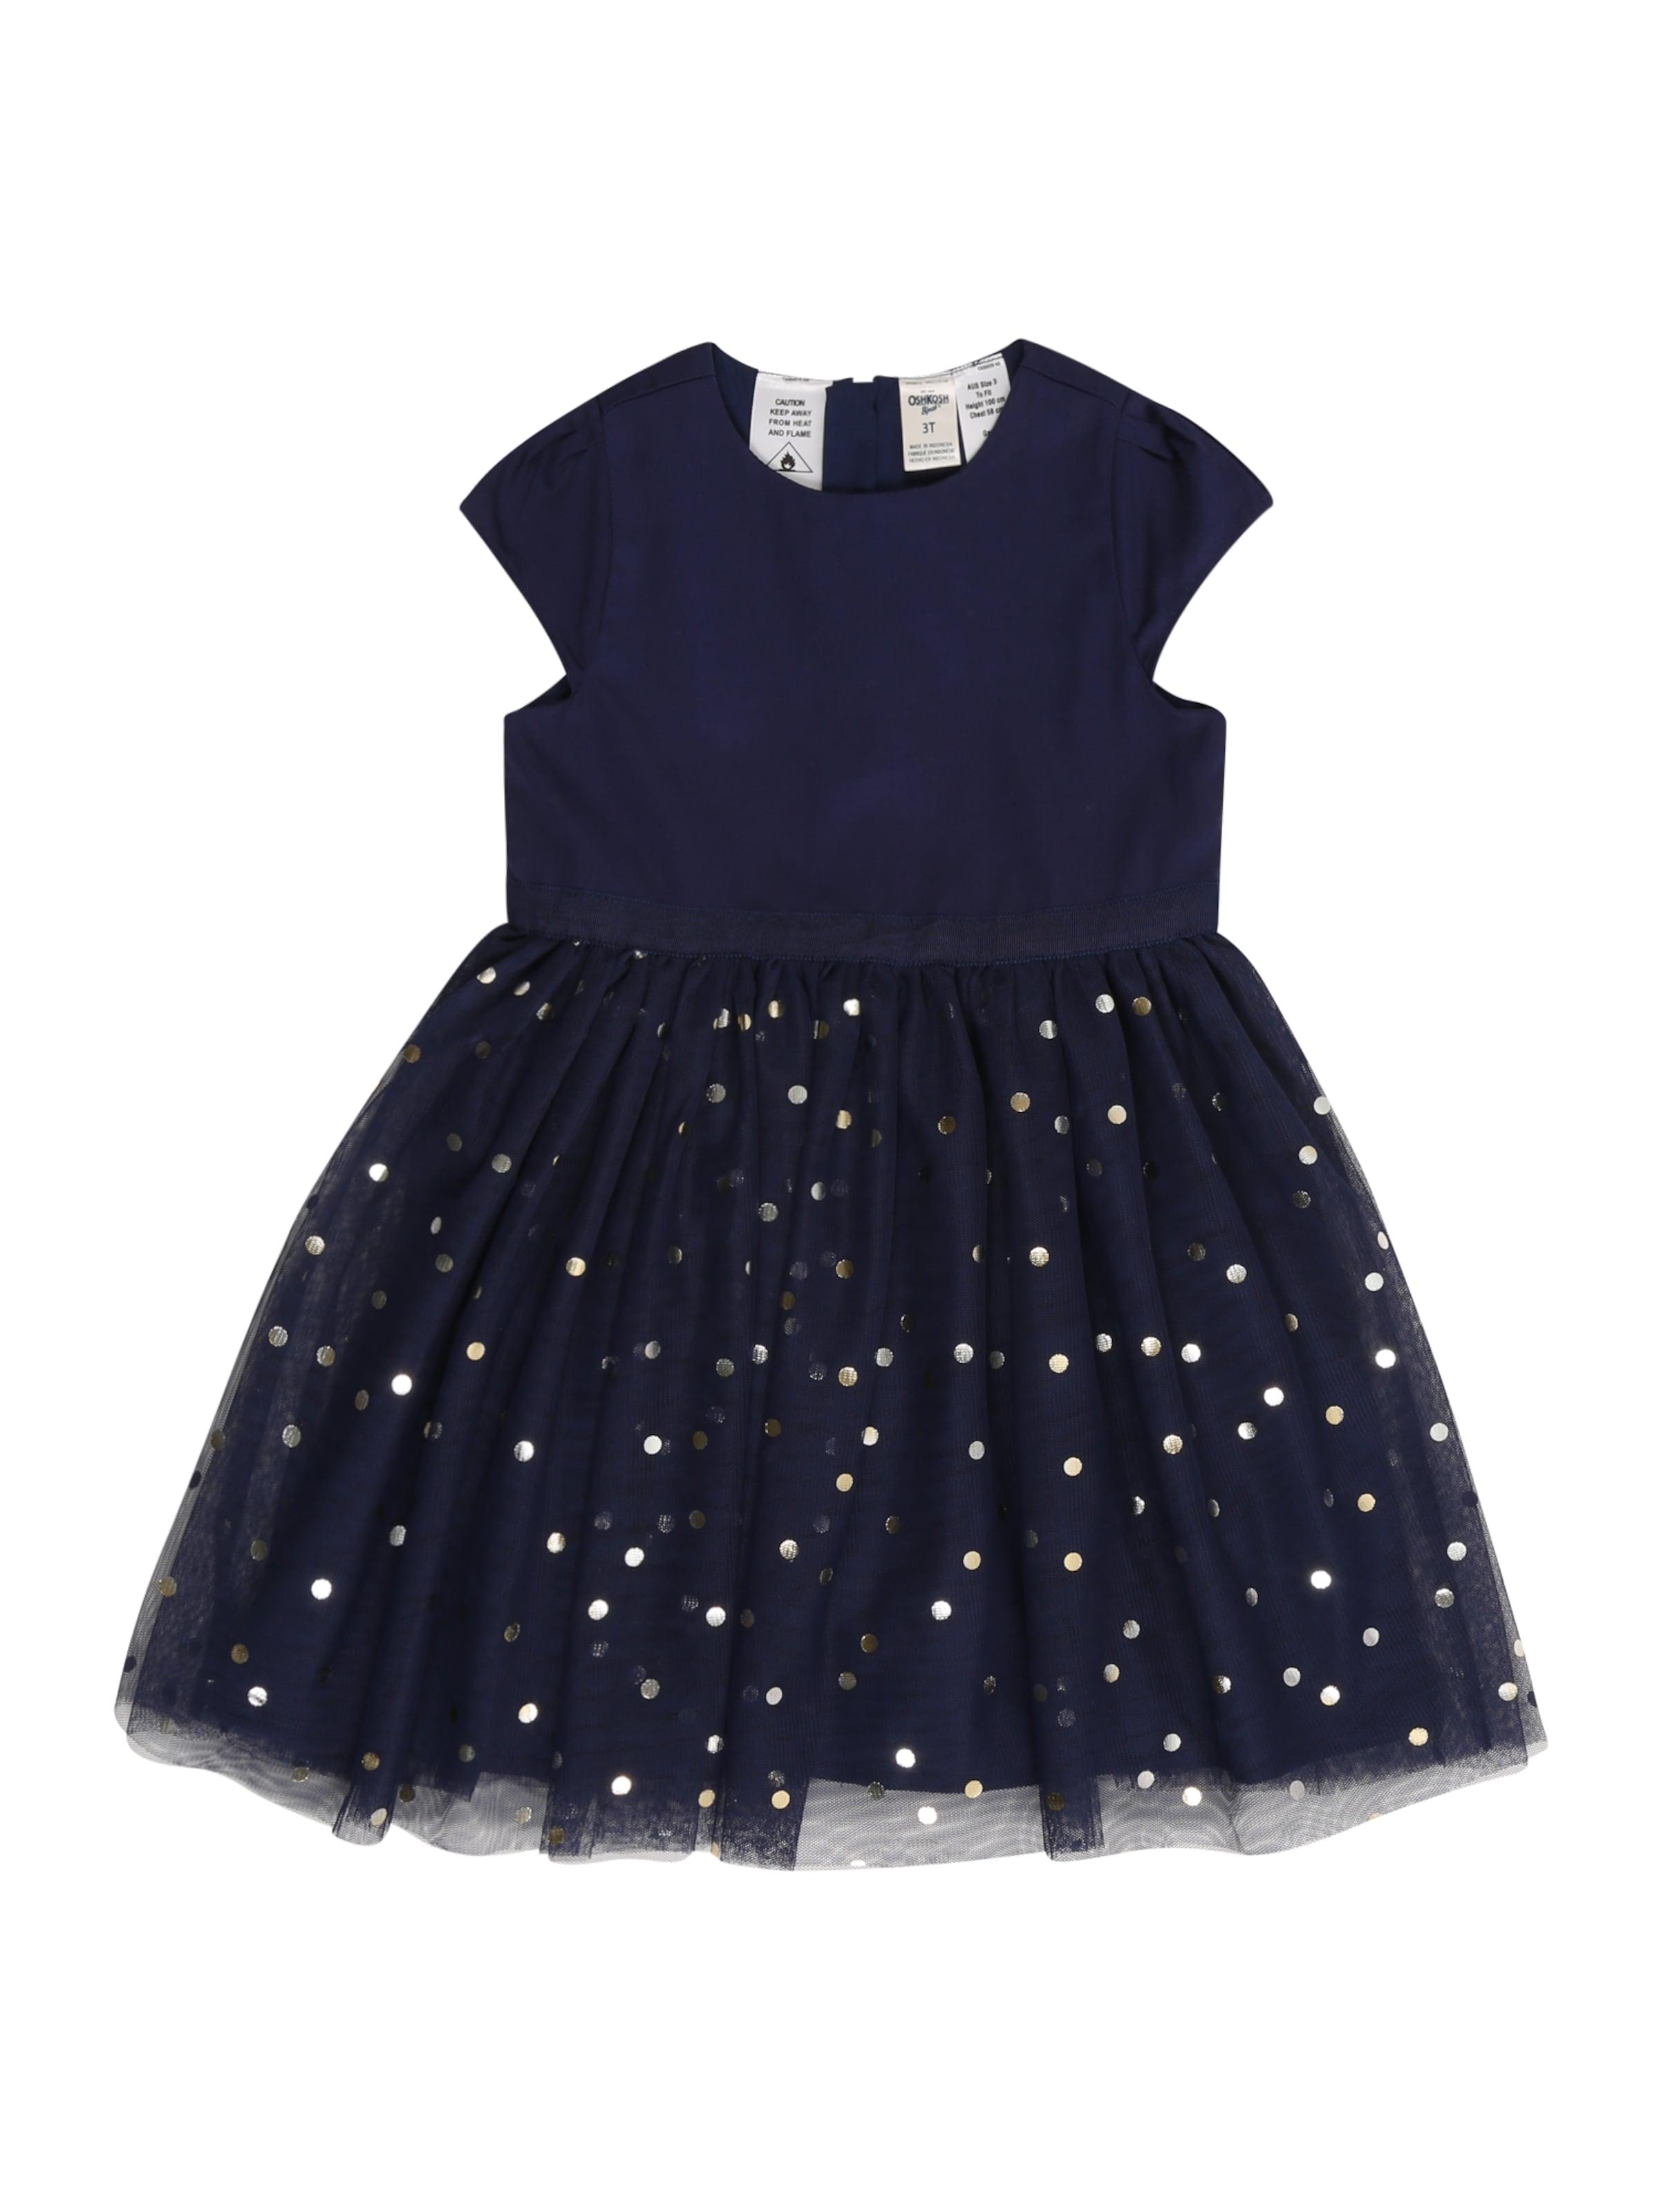 Kinder,  Mädchen,  Kinder OshKosh Kleid blau, blau,  orange,  weiß | 00192136387299